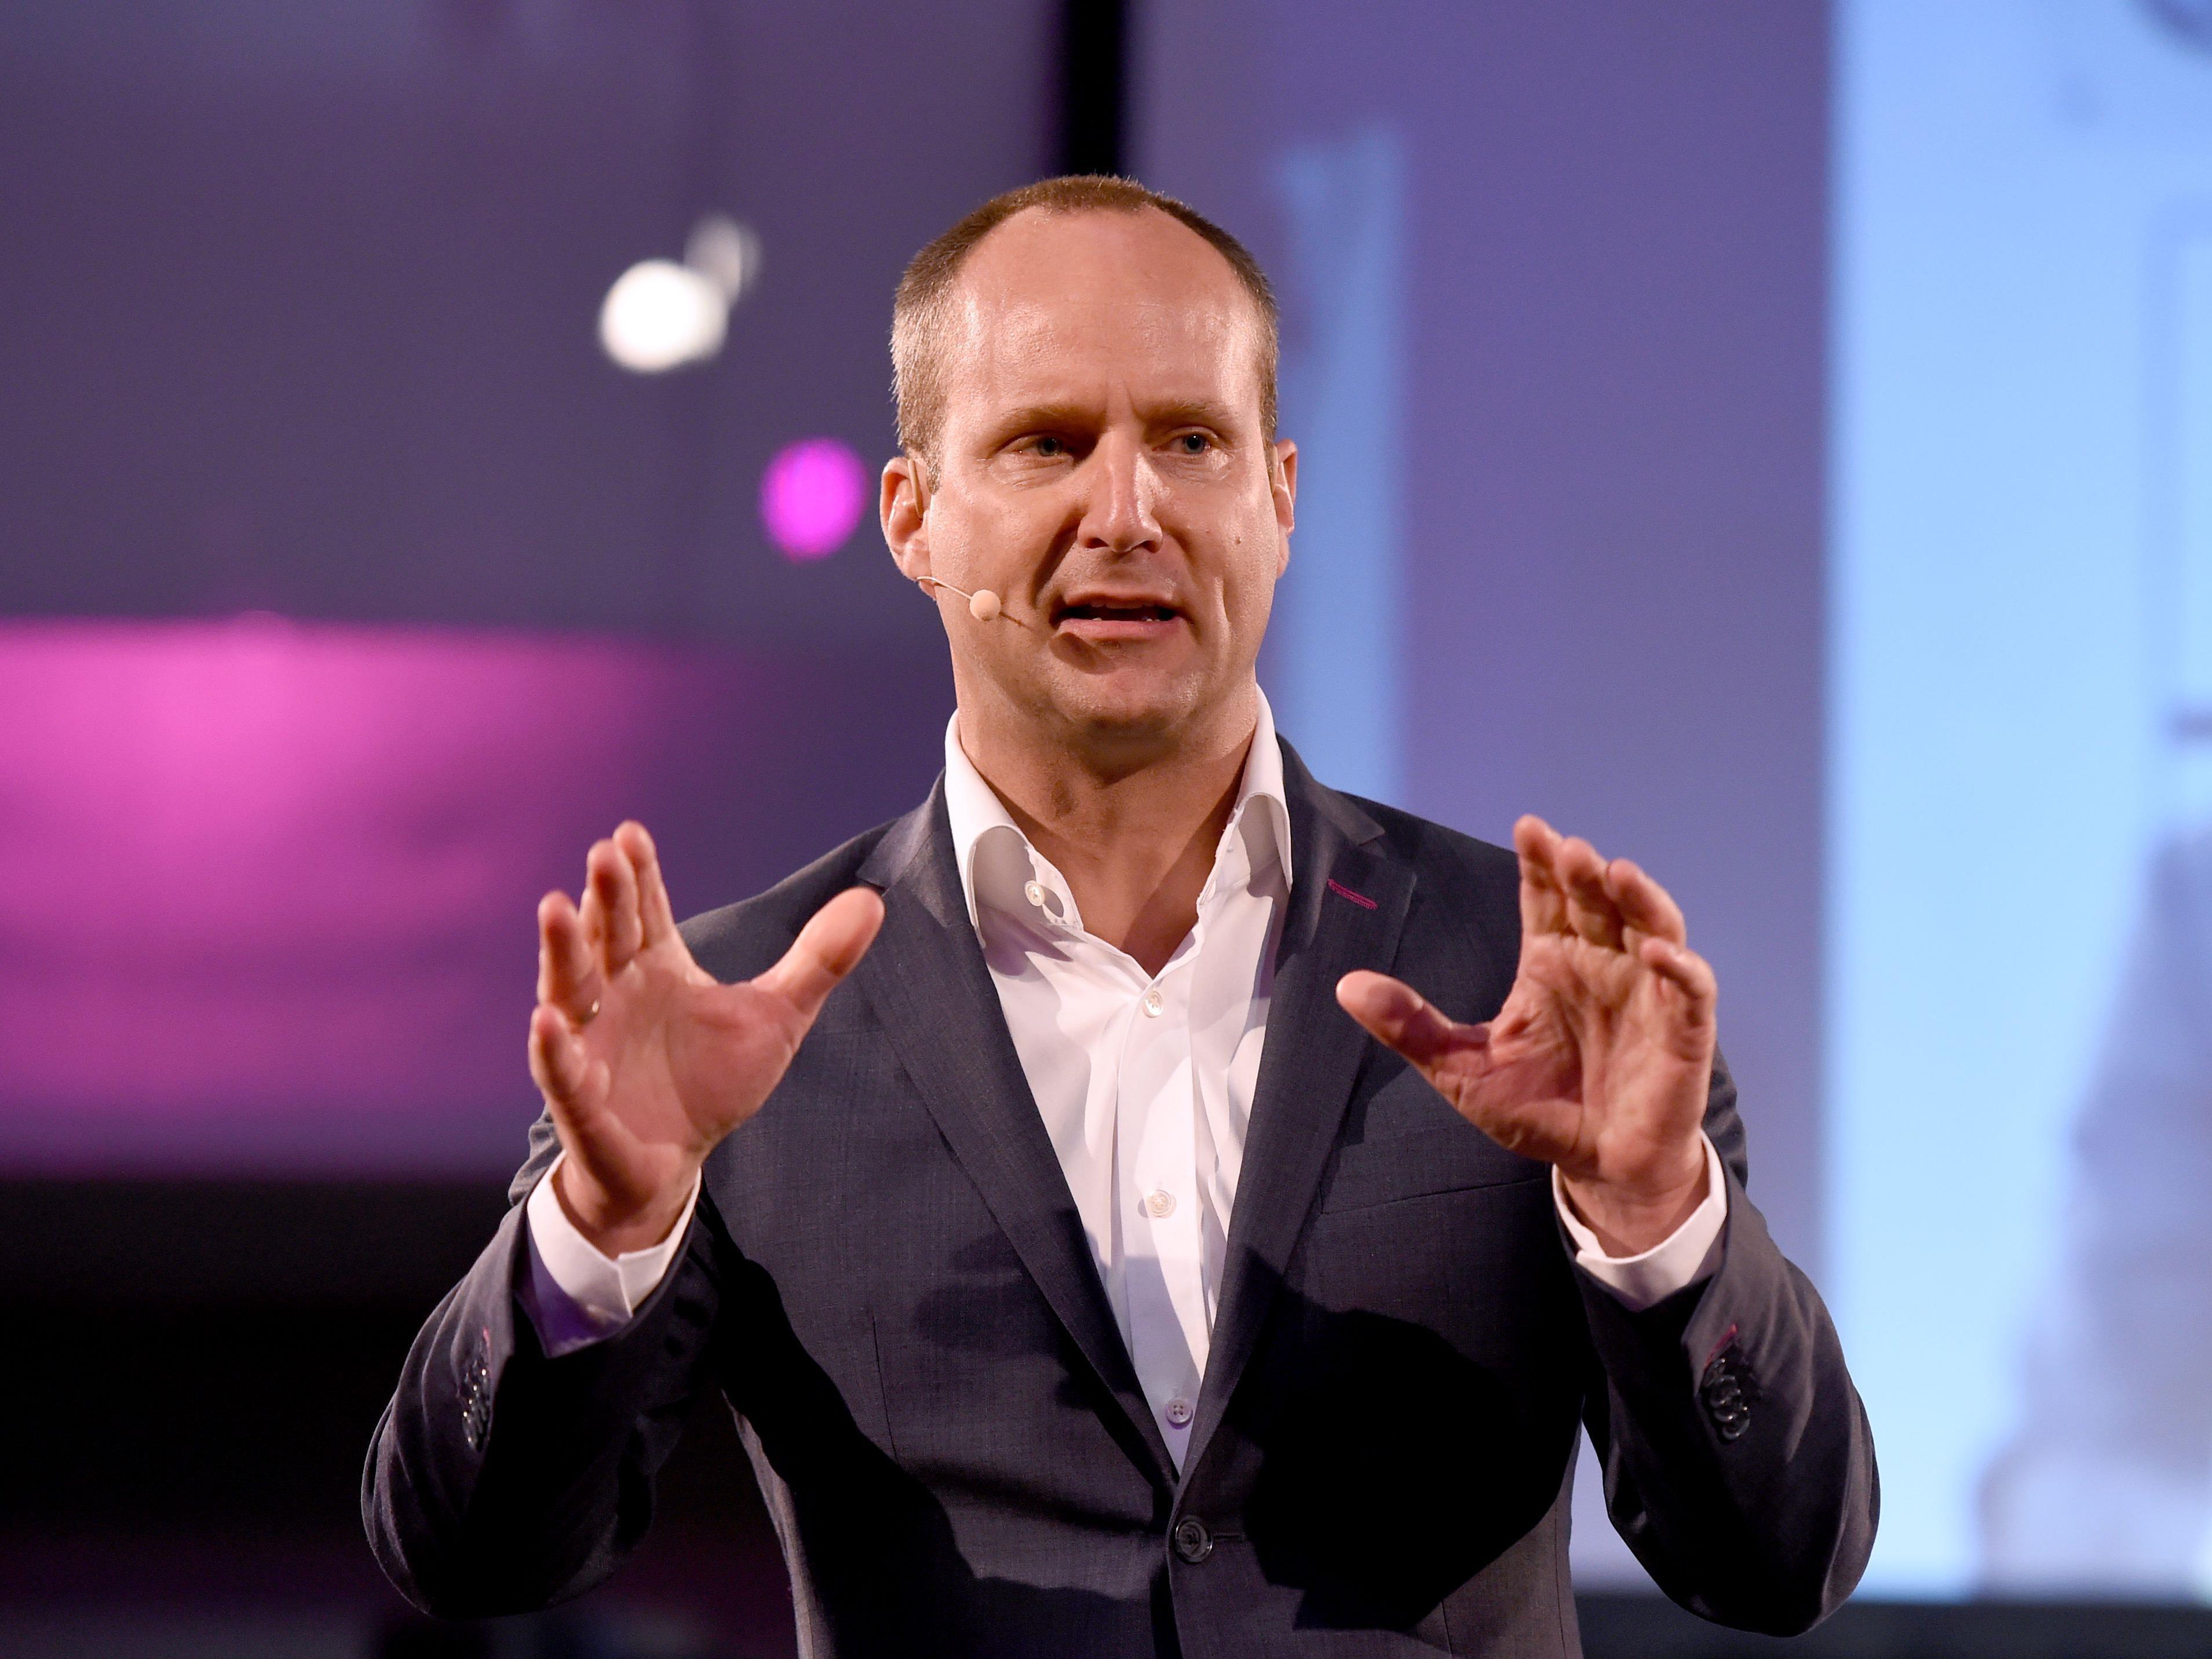 Am Dienstag war NEOS-Chef Matthias Strolz zu Gast bei den Sommergesprächen auf Puls 4.